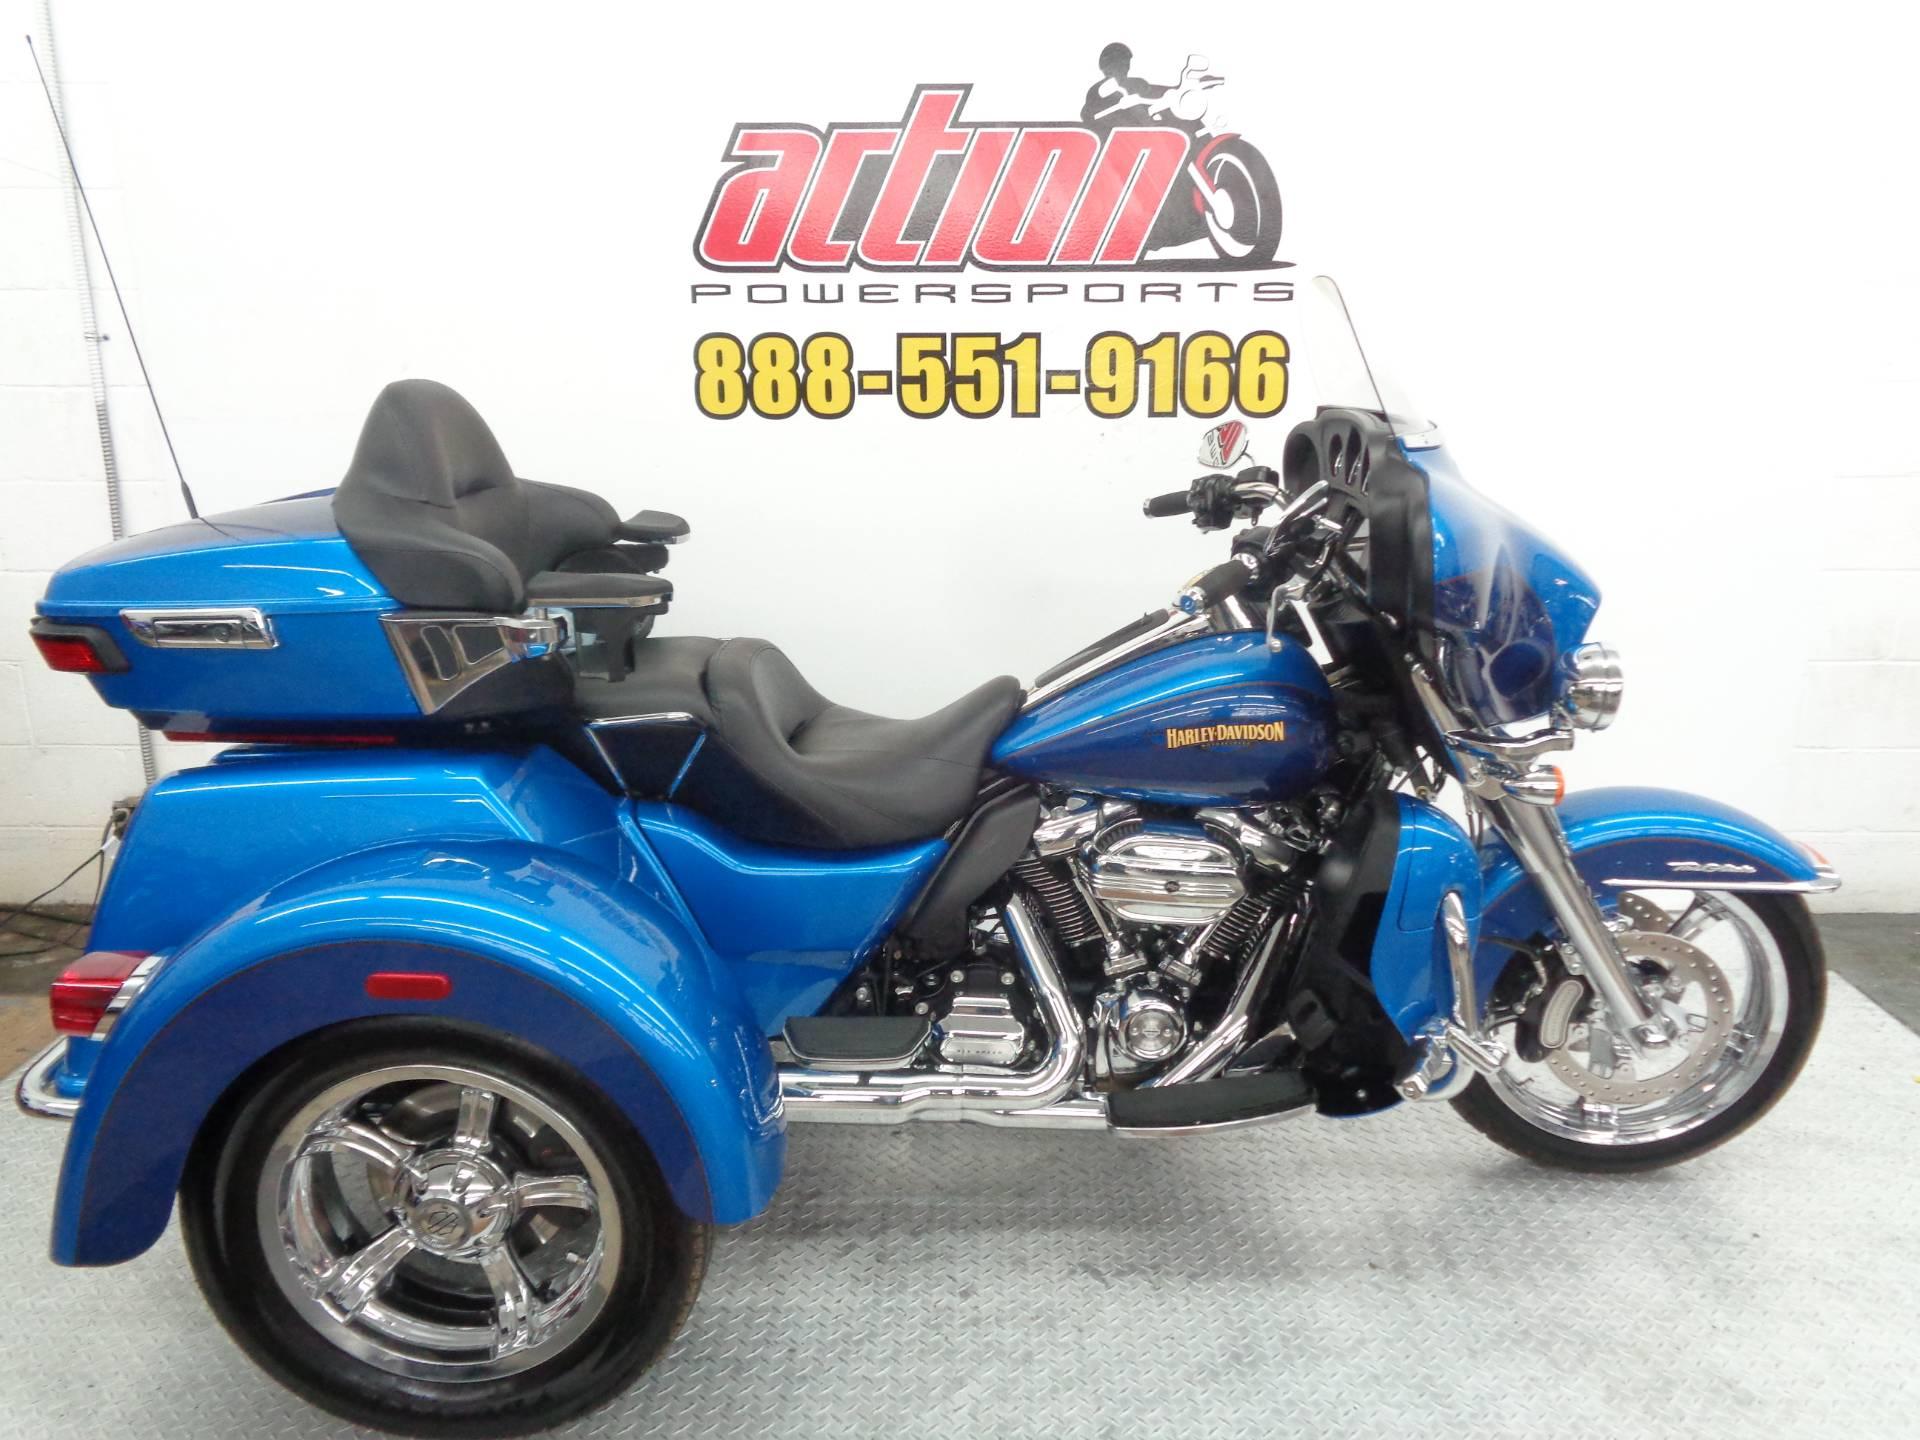 Used 2017 Harley Davidson Tri Glide Ultra Trikes In Tulsa Ok